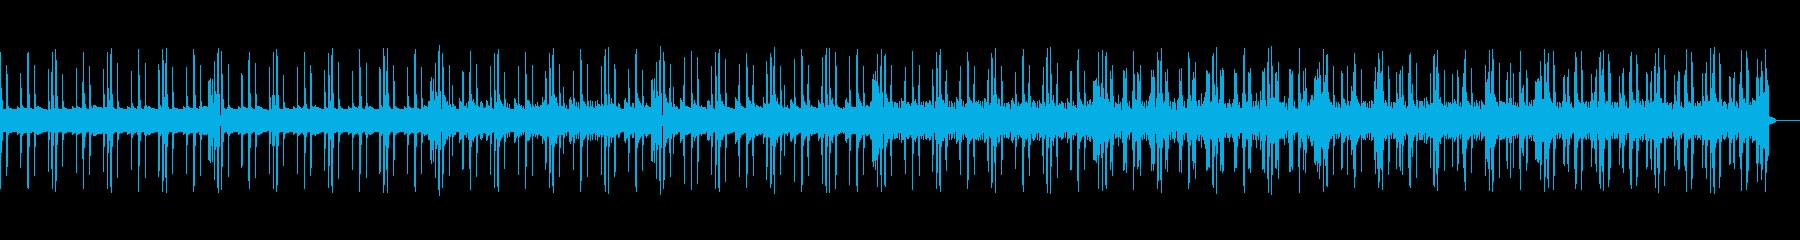 シンプルで不気味なトラップの再生済みの波形